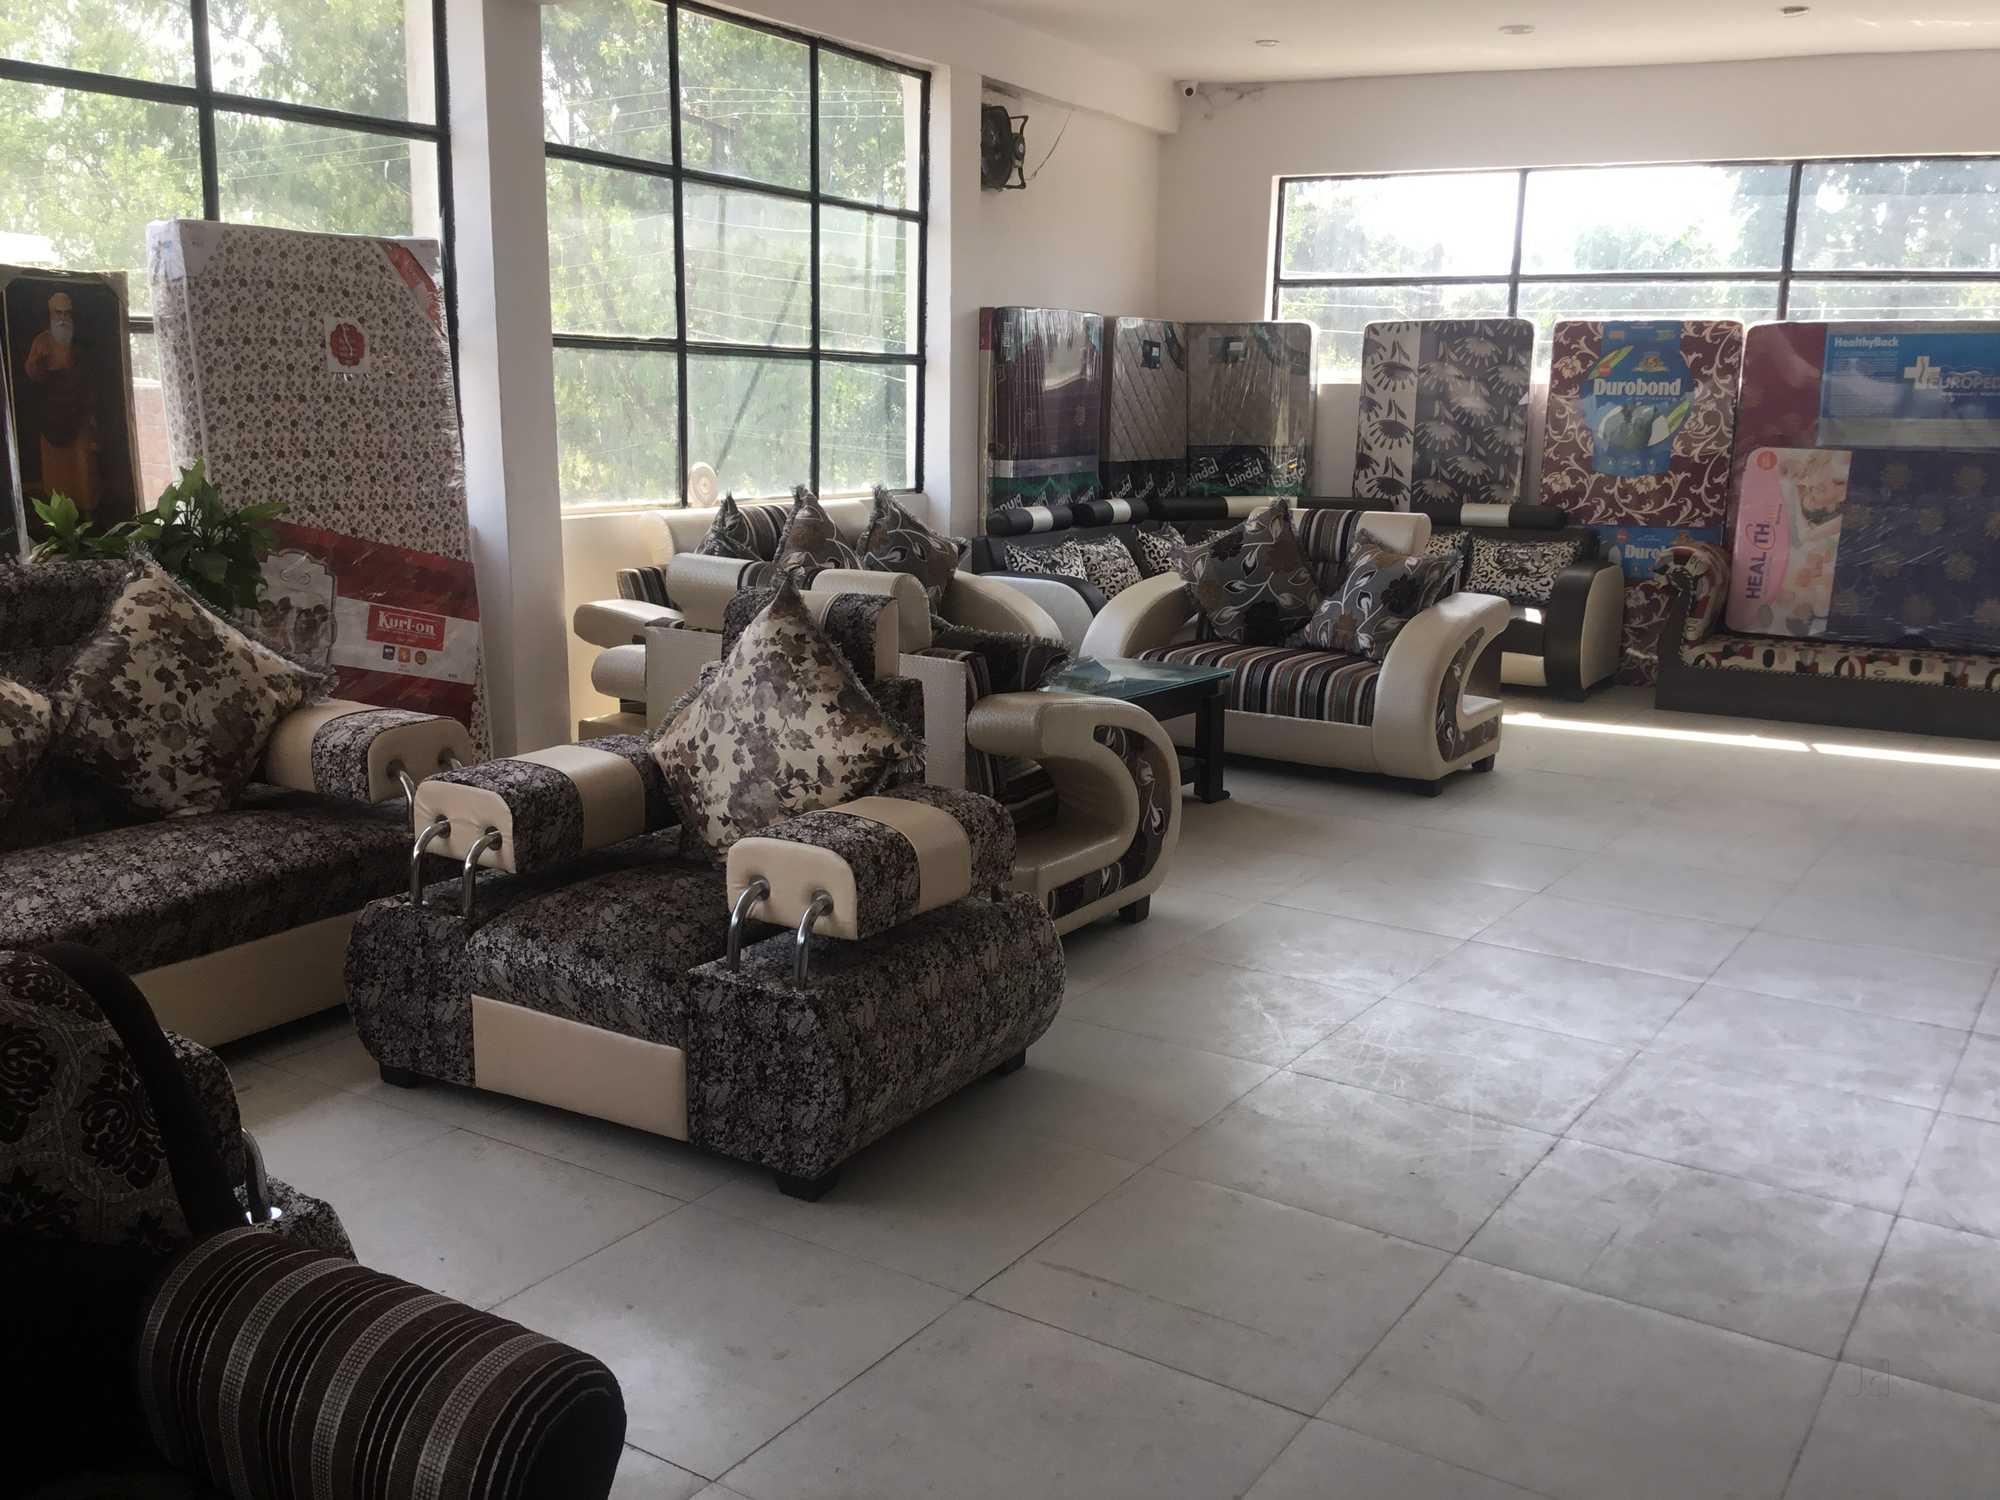 Sunrise Furniture Mart - Jaipur Image